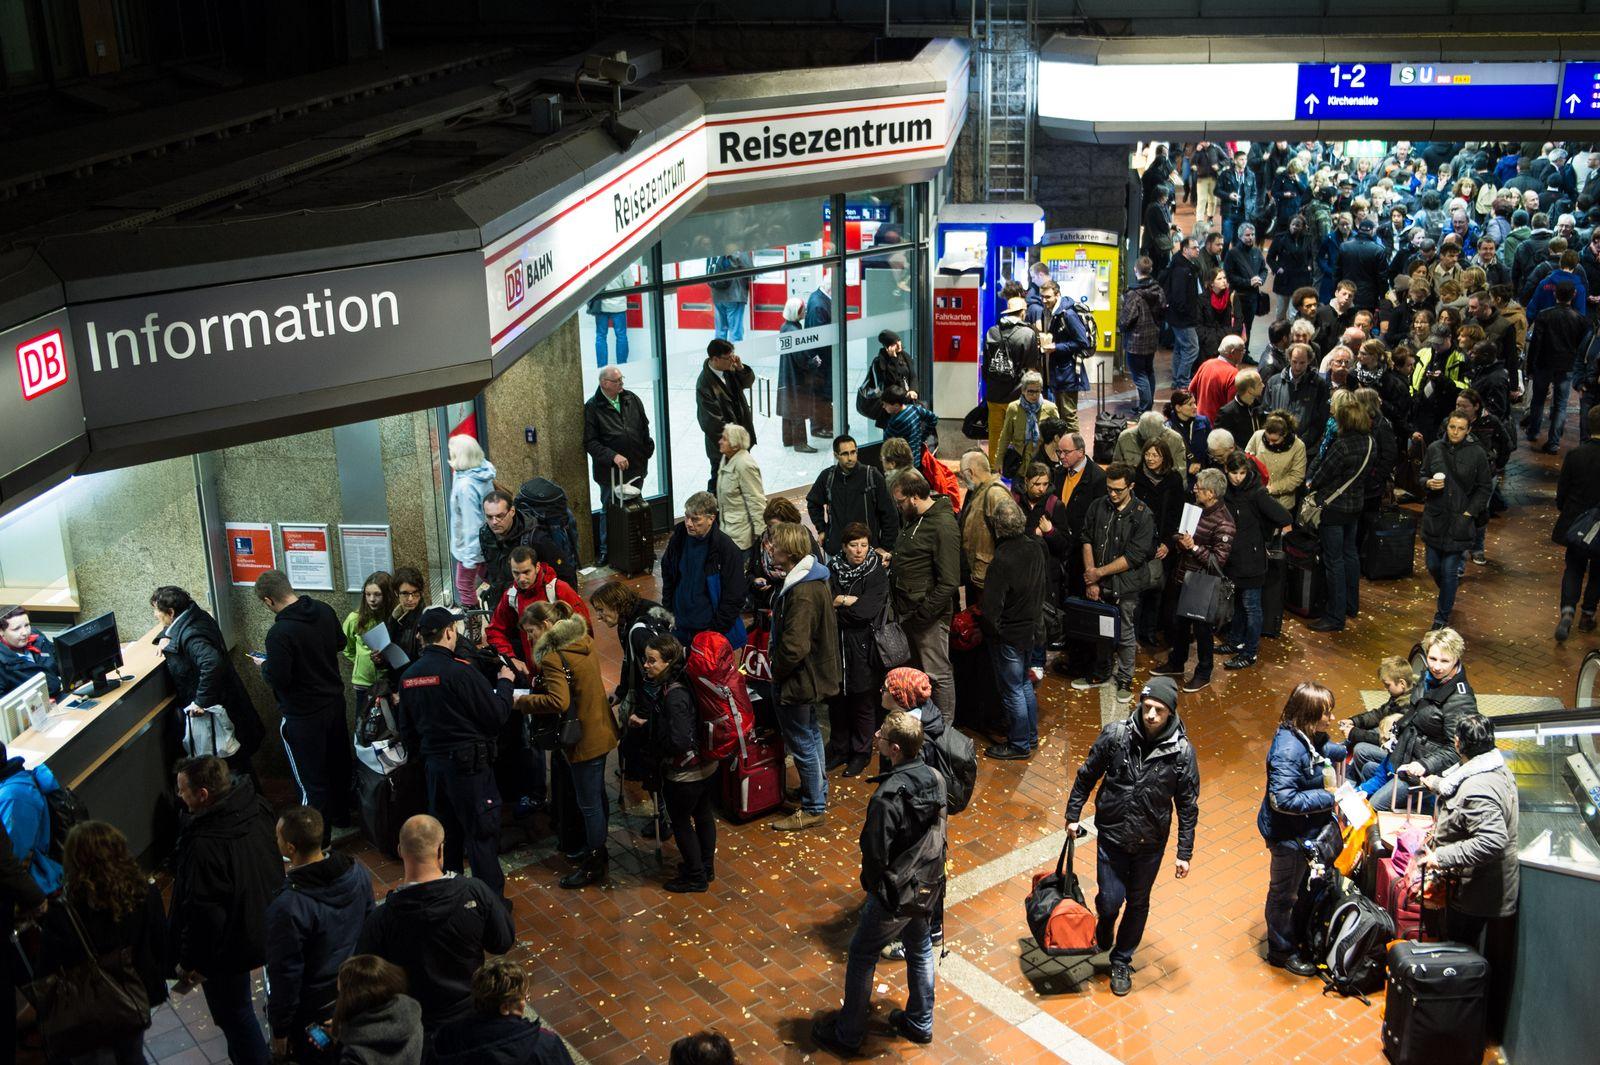 Orkantief/ Verkehrsbehinderung/ Deutsche Bahn